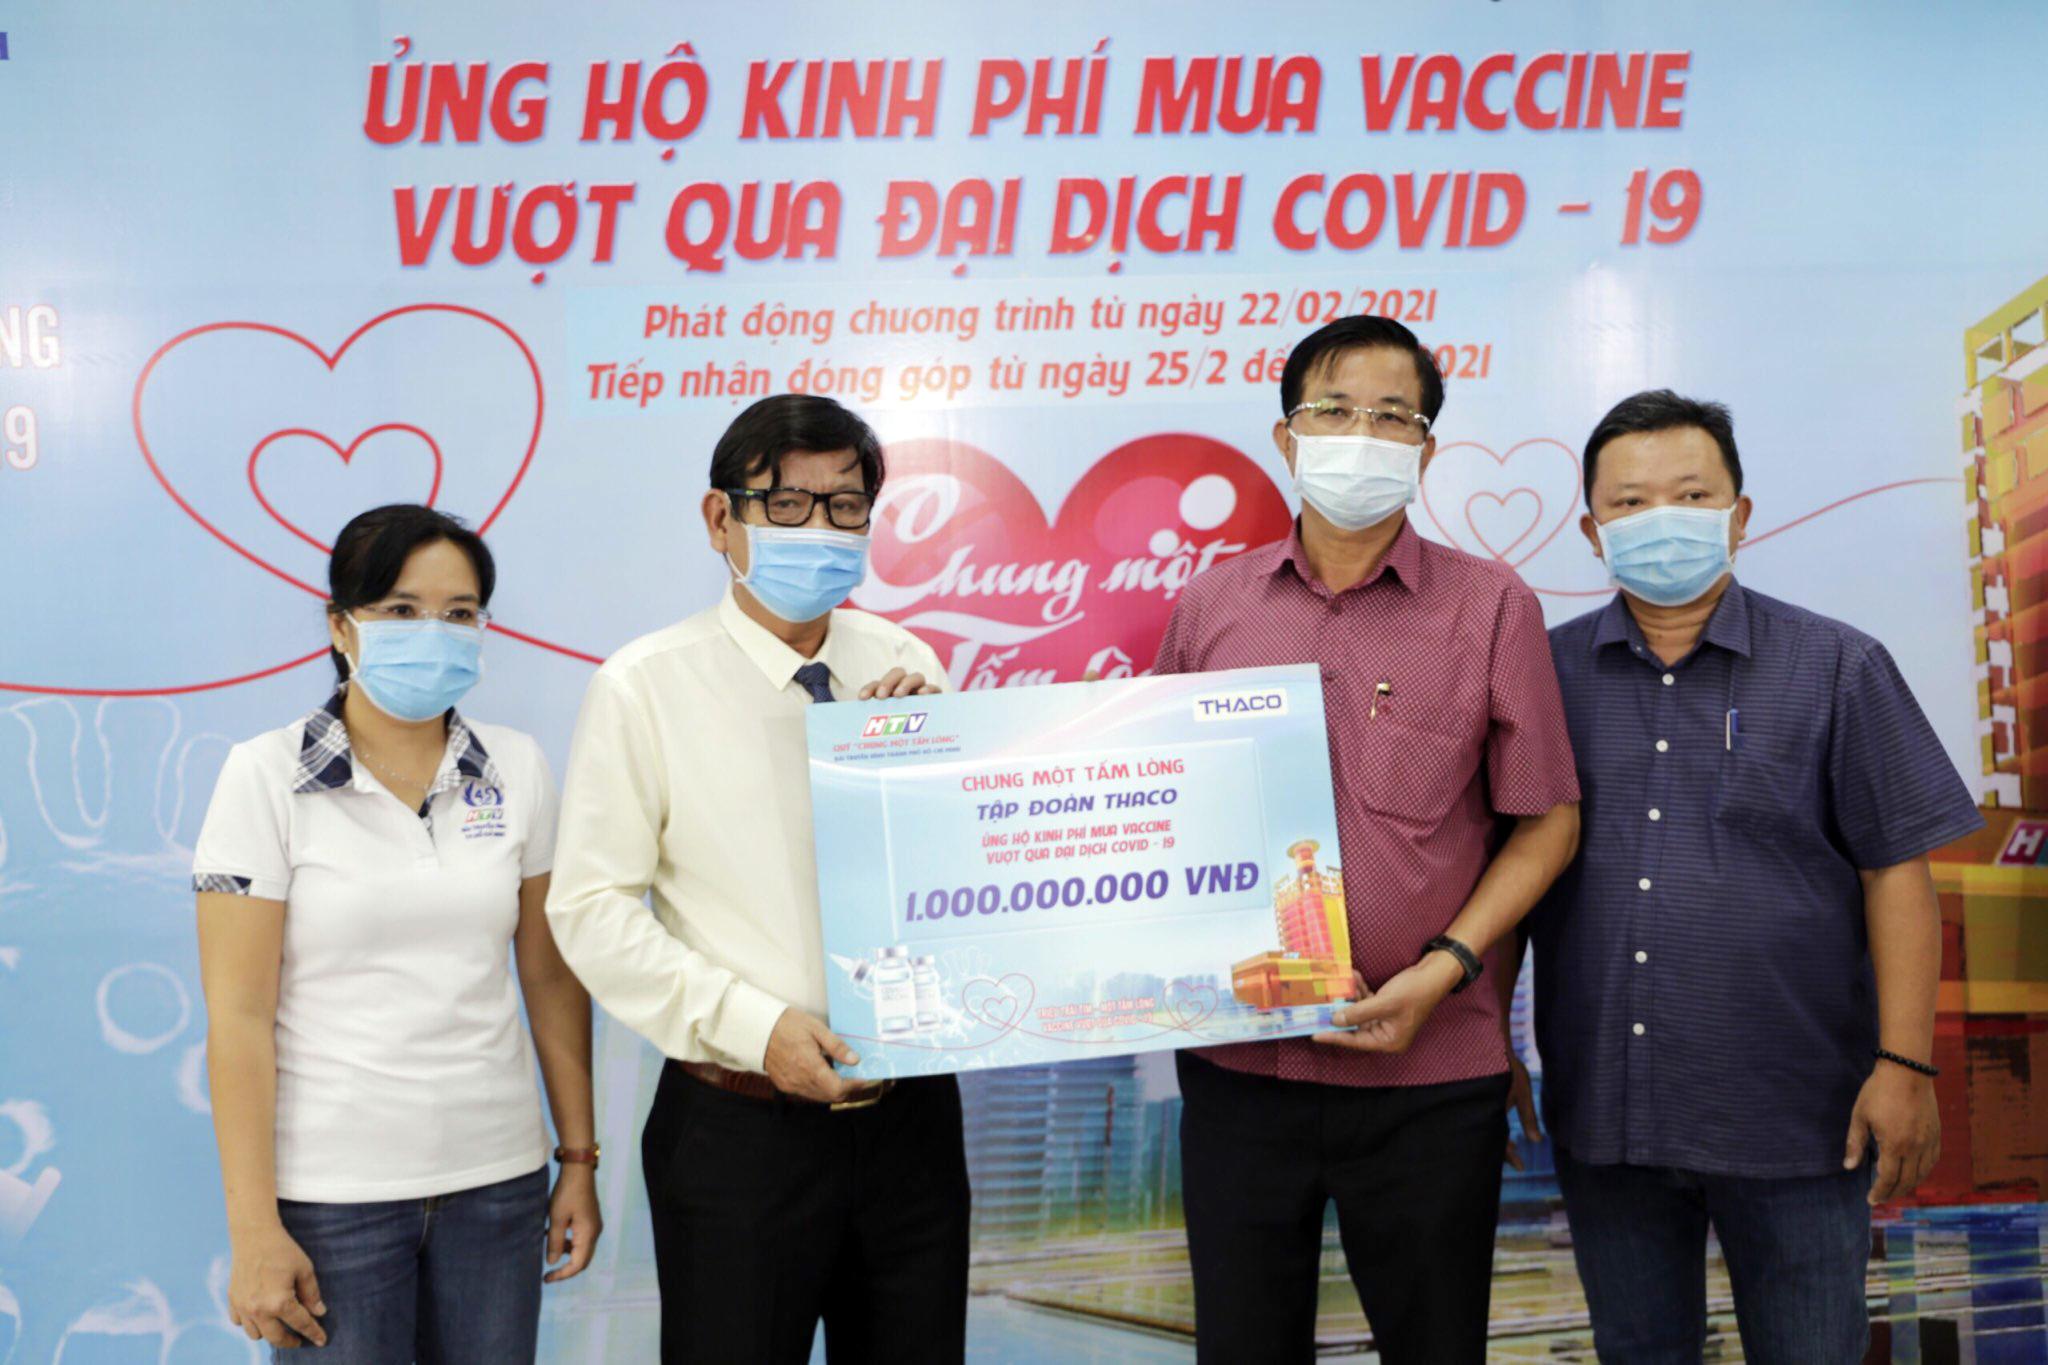 Quỹ `Chung một tấm lòng` - THACO ủng hộ 1 tỷ đồng